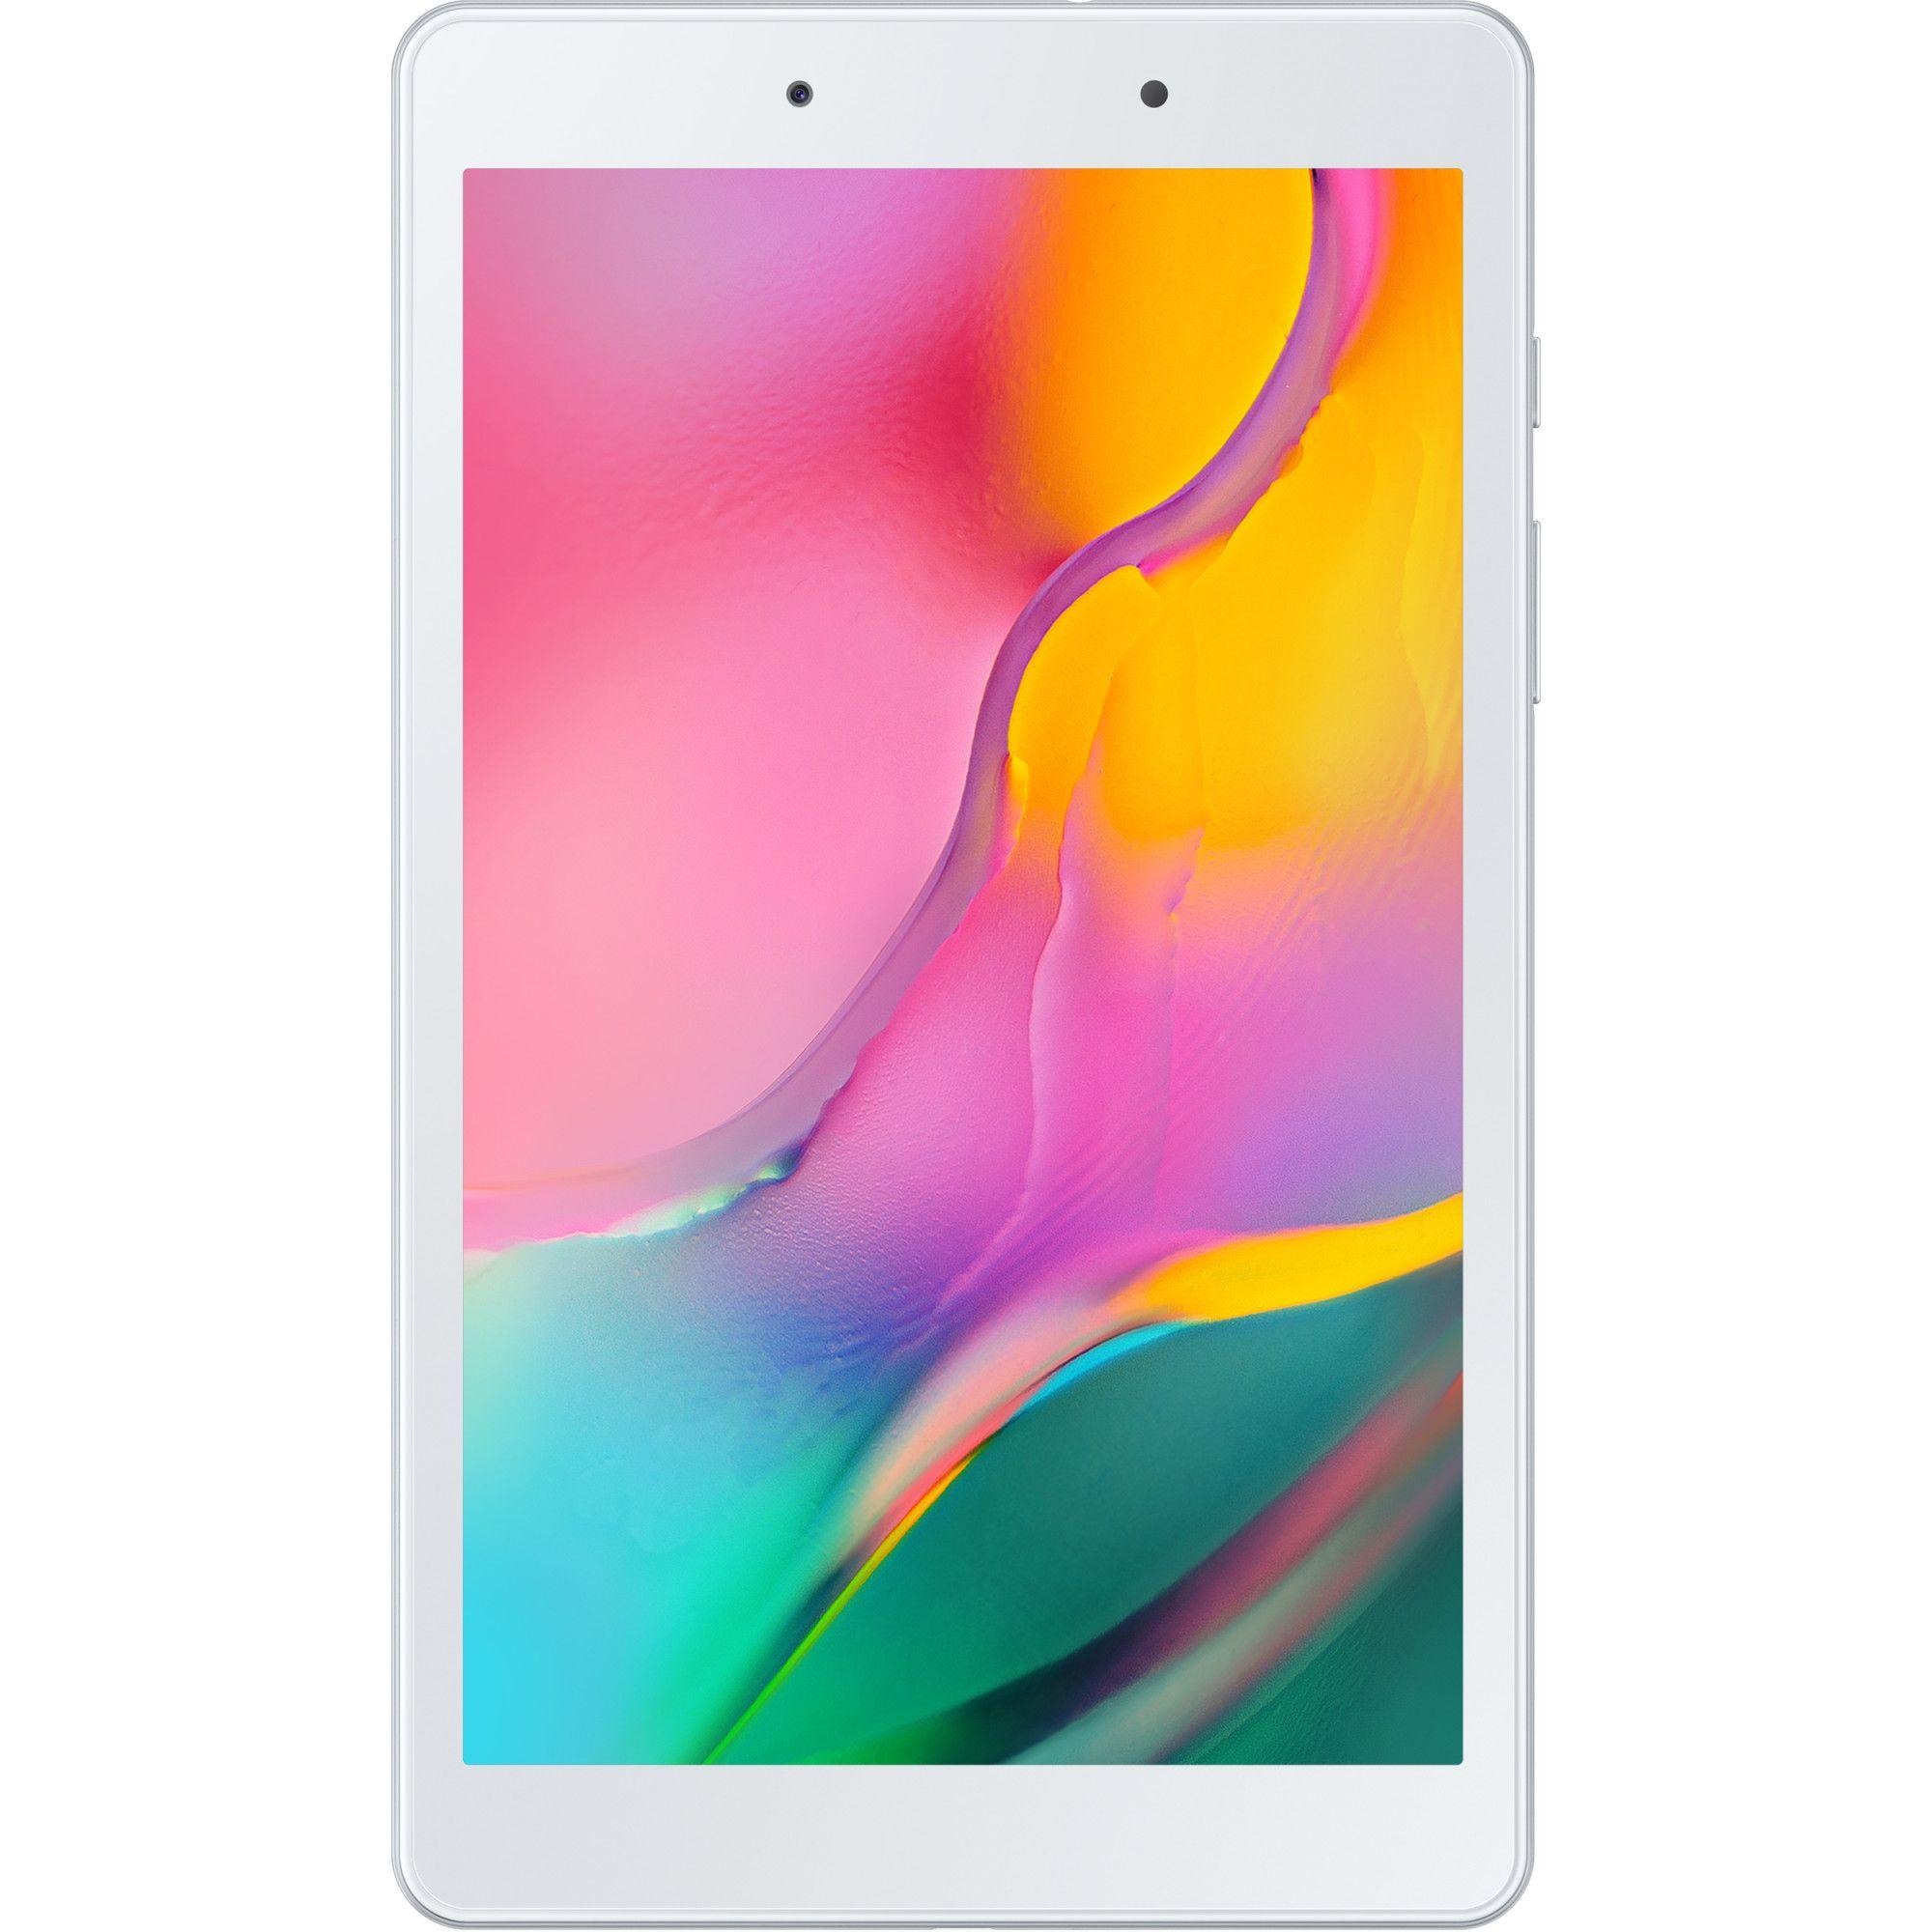 Tableta Samsung Galaxy Tab A T290 8 32GB Flash 2GB RAM WiFi Silver